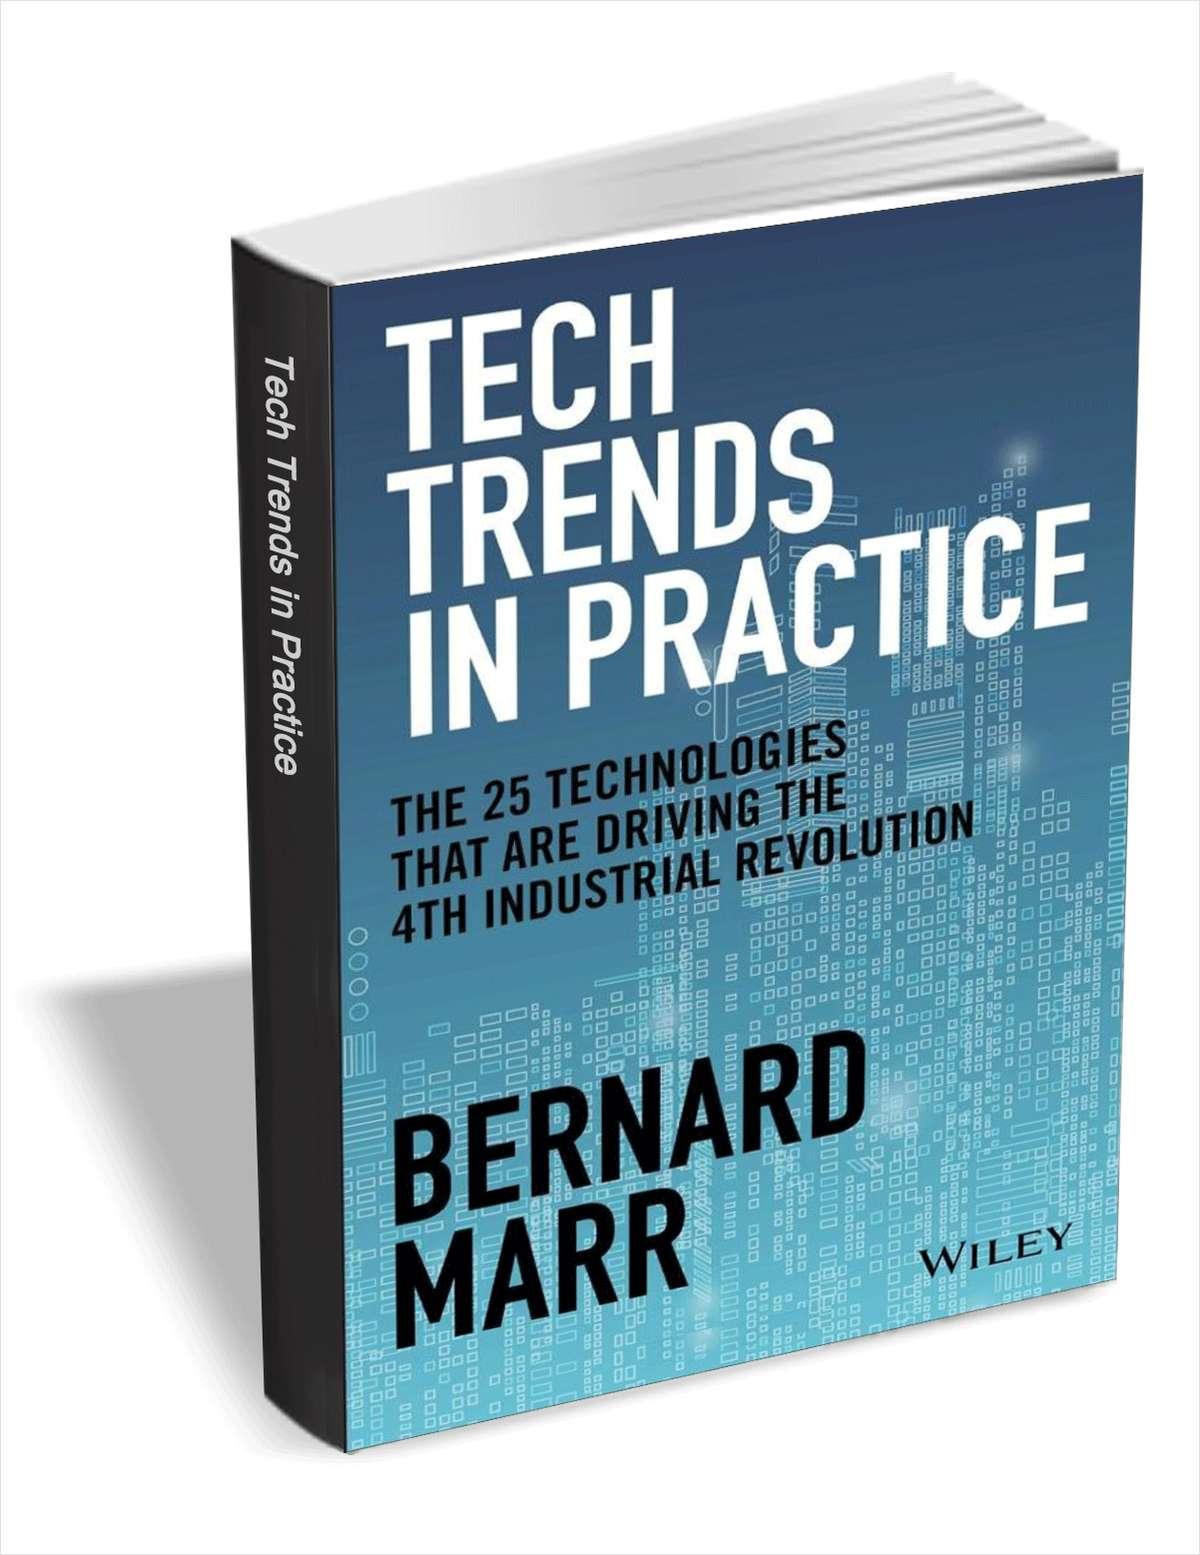 实践中的技术趋势:驱动第四次工业革命的25种技术(24.00美元)有限时间内免费